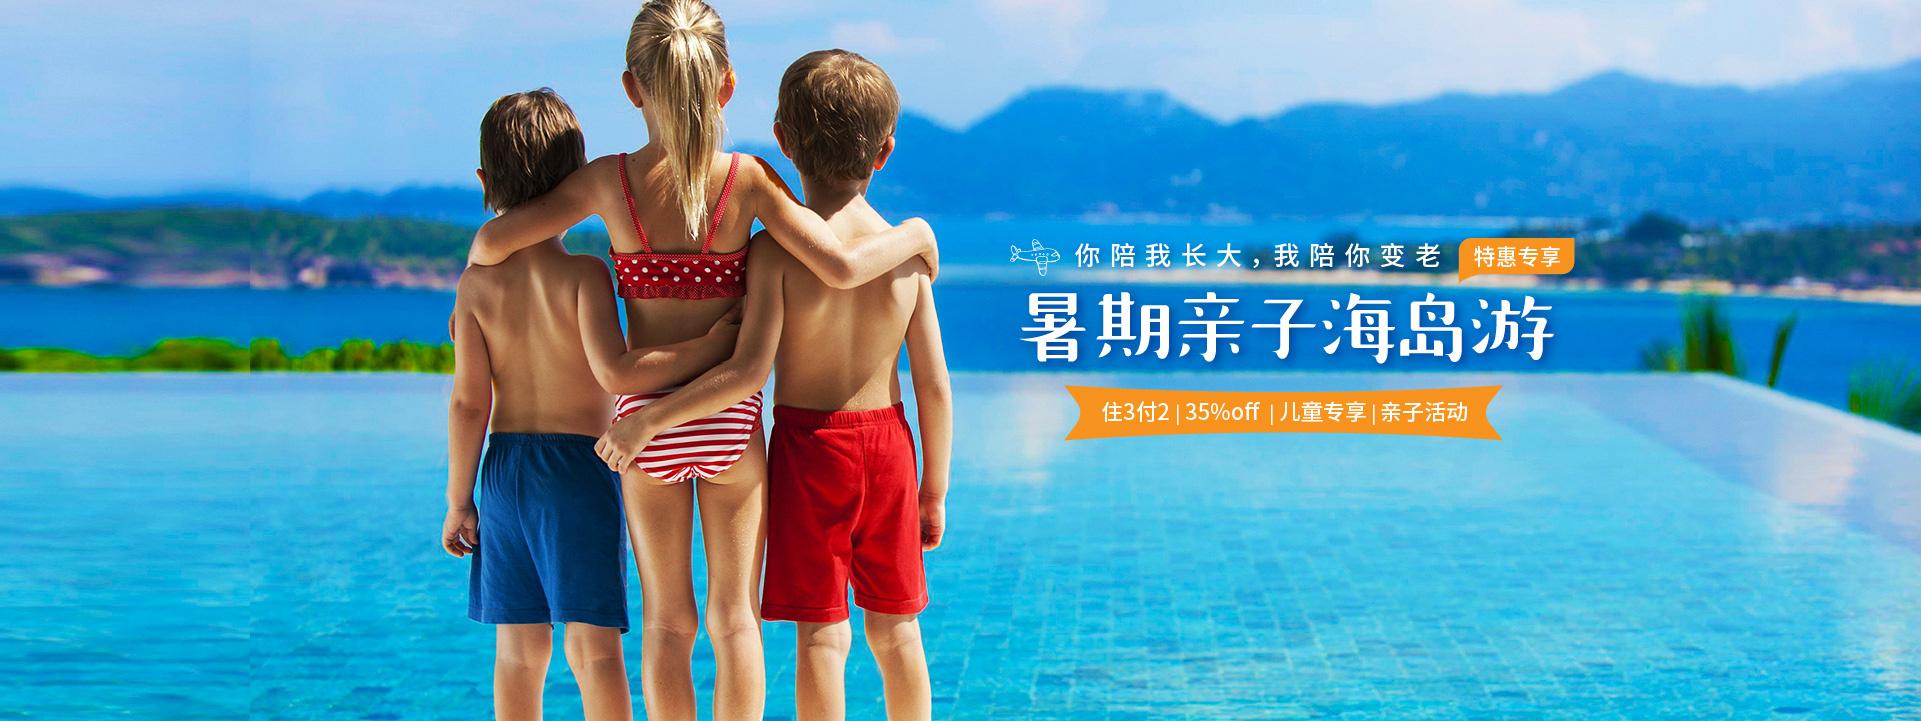 暑期亲子海岛游暑期亲子海岛游